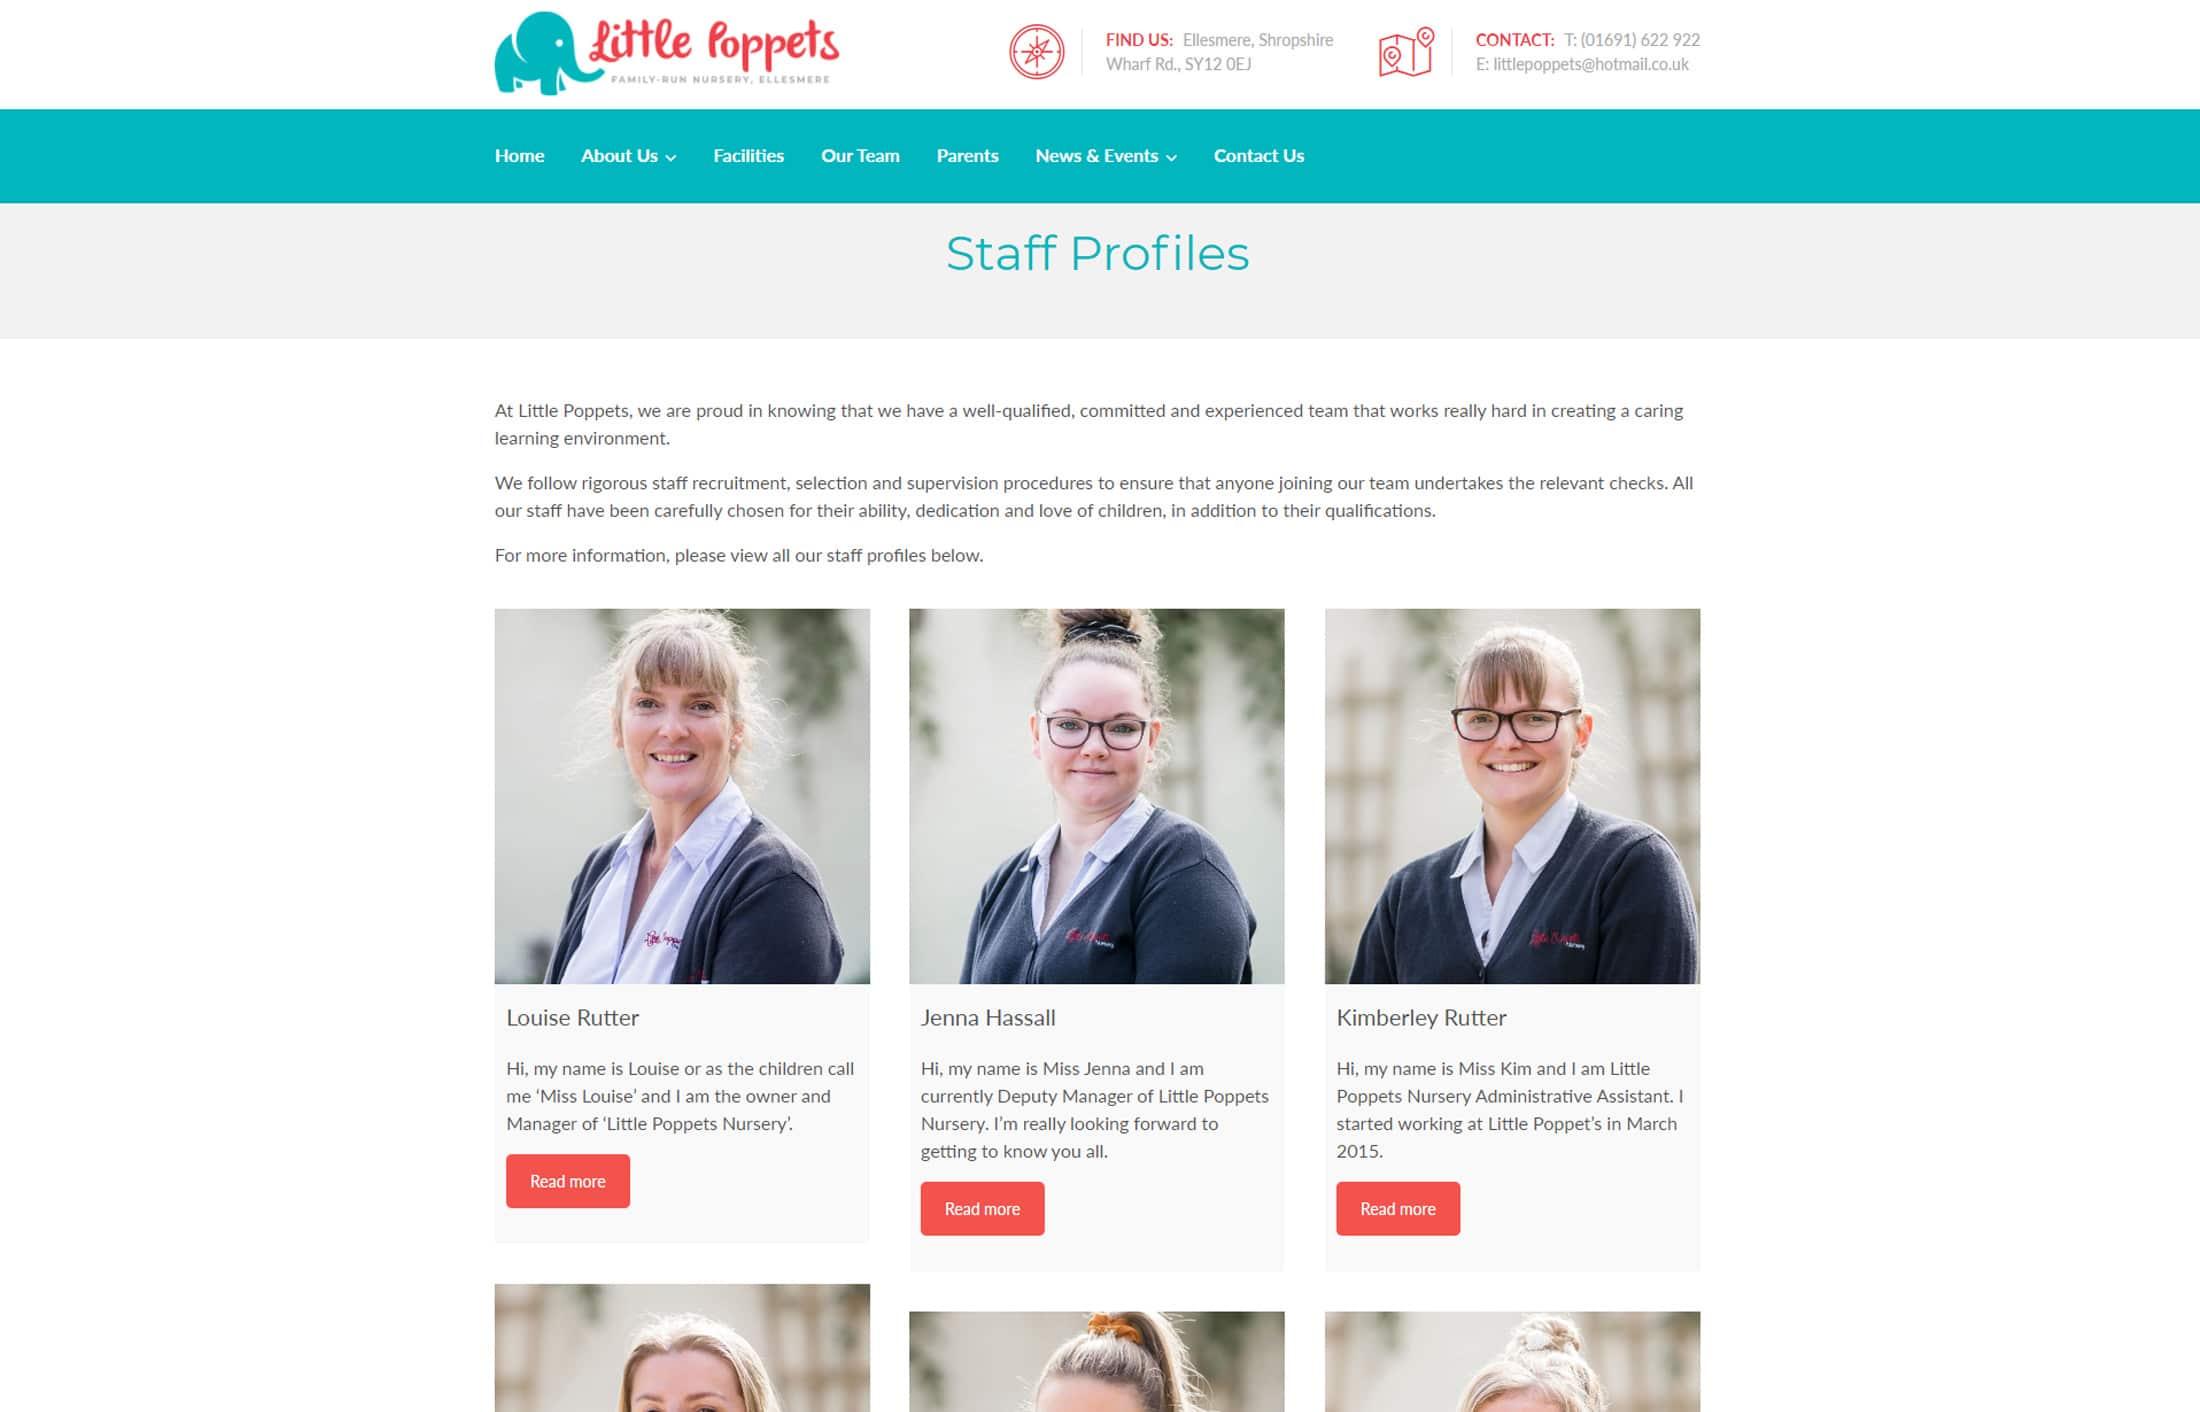 little poppets nursery website staff